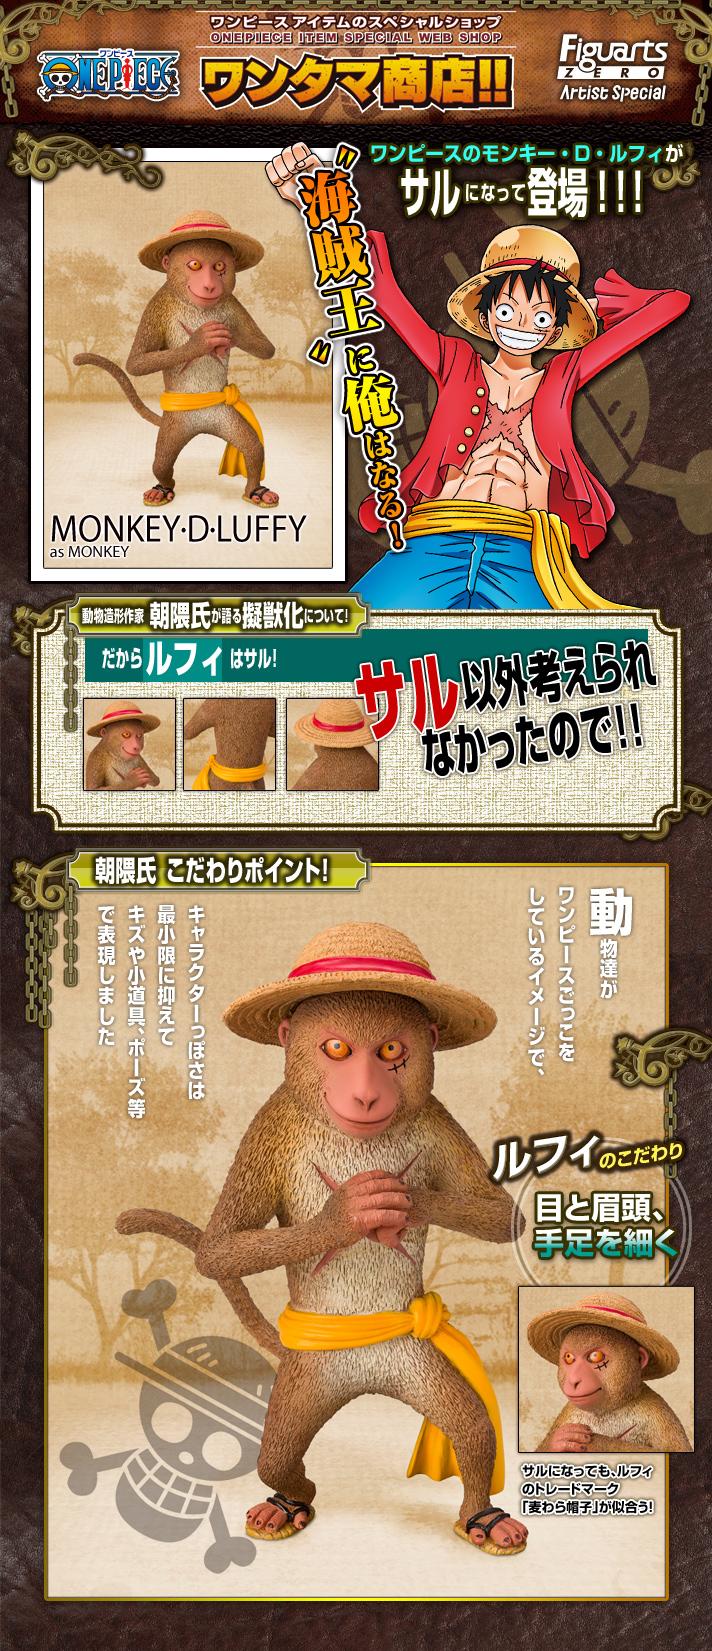 魂ウェブ商店 プレミアムバンダイ店   Figuarts ZERO Artist Specialモンキー・D・ルフィ as サル